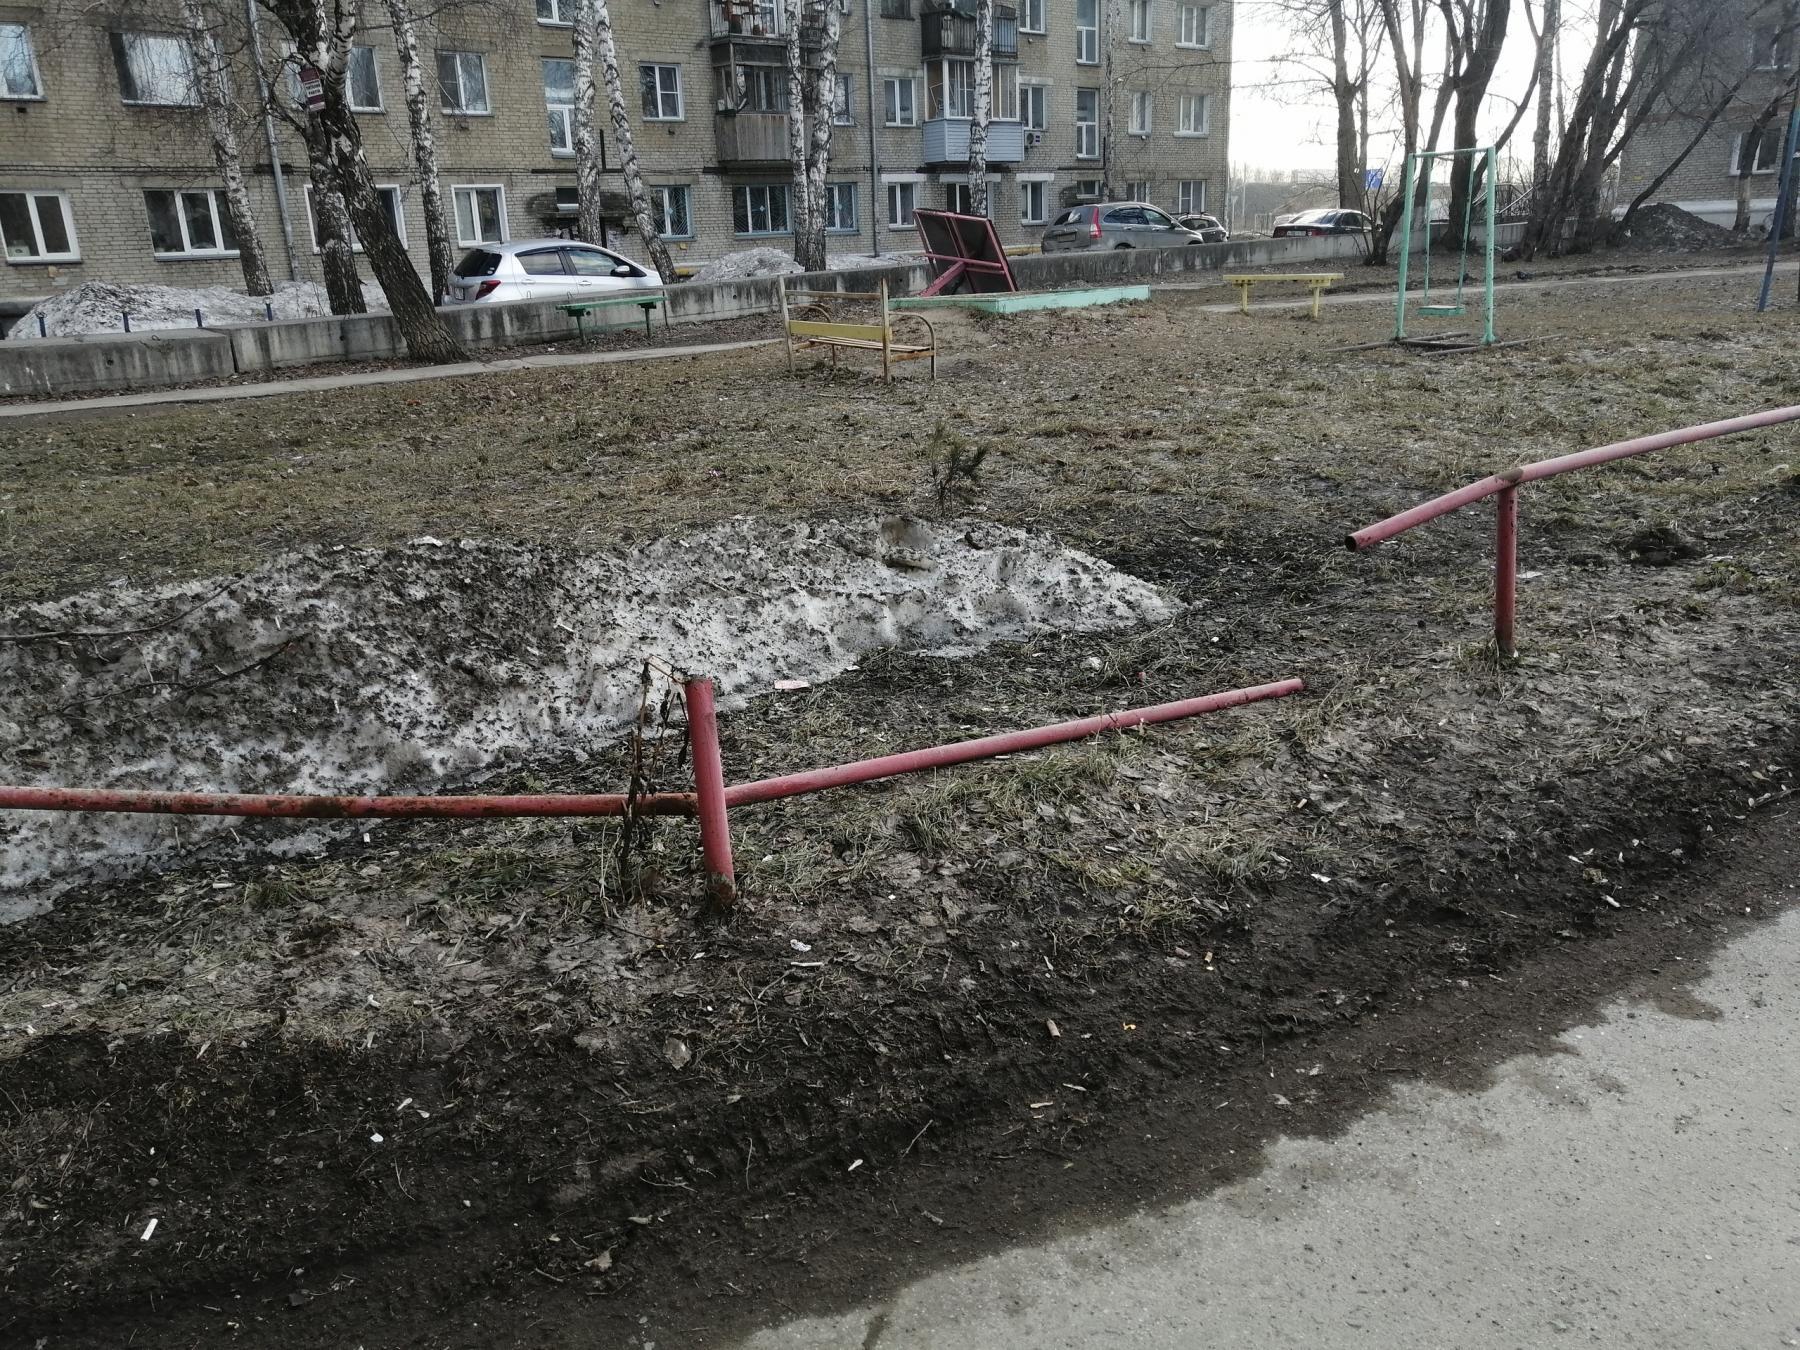 Фото «Одно неловкое движение – и ребёнок внизу»: под Новосибирском создают карту опасных мест после гибели 6-летнего мальчика 4